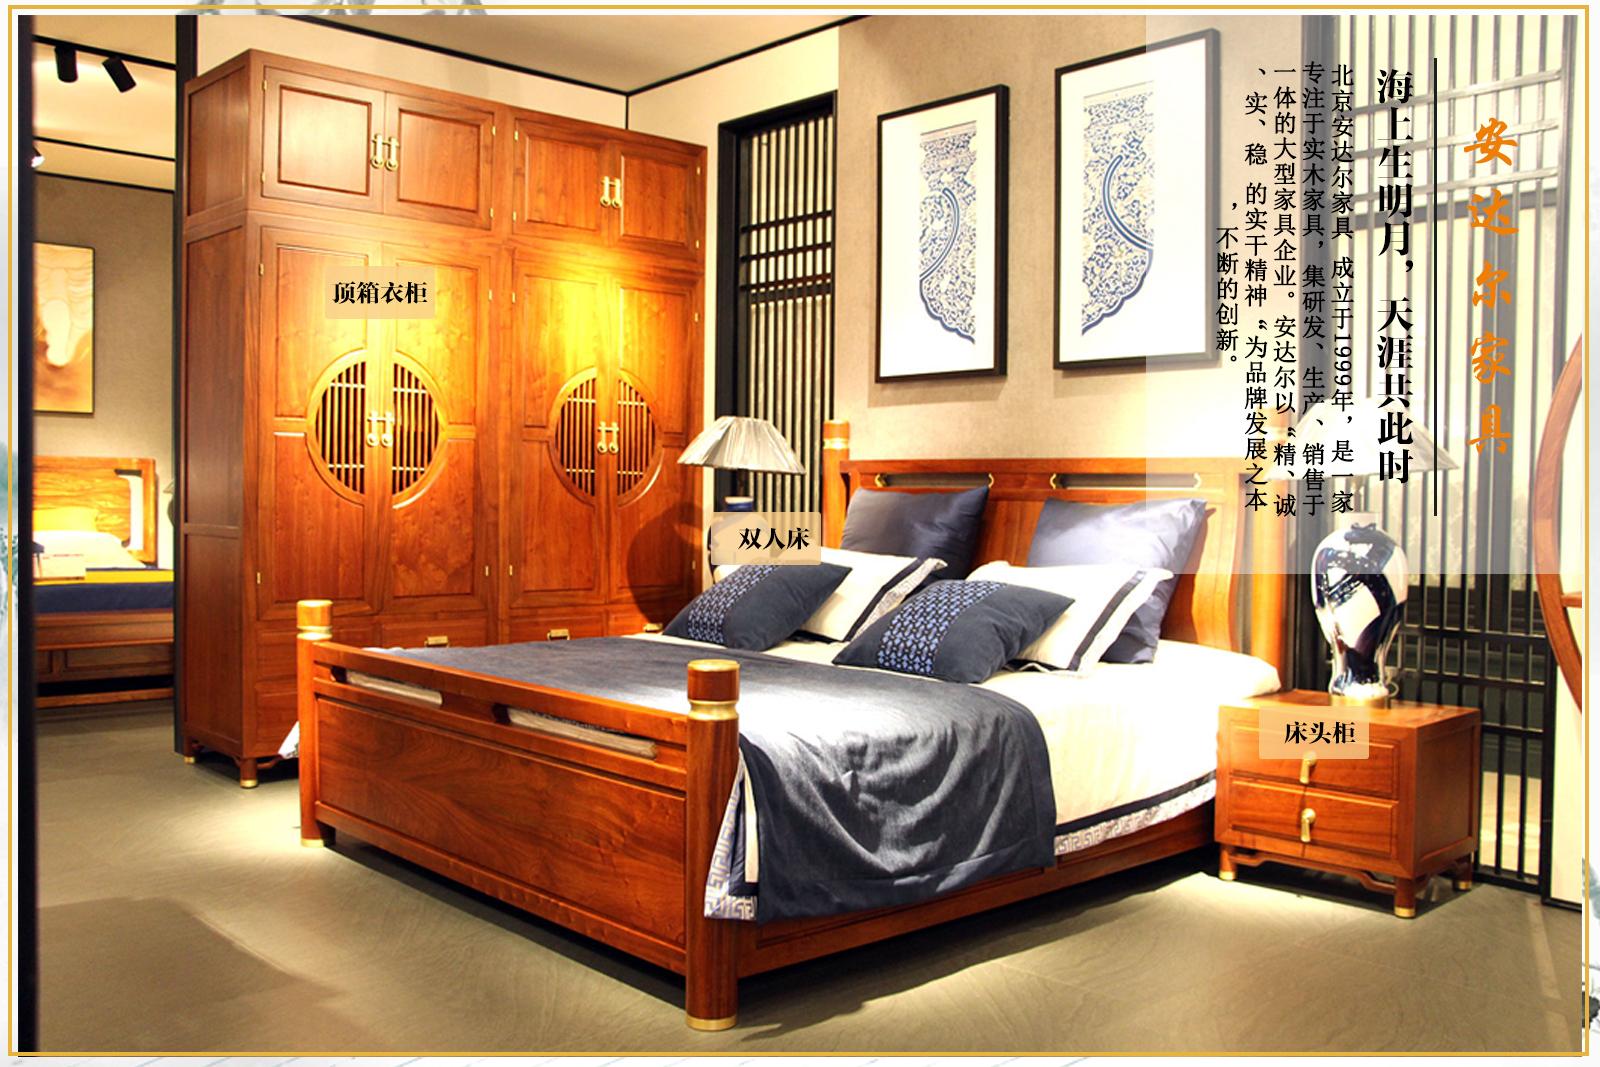 安达尔家具打造中式经典引领时尚新潮流